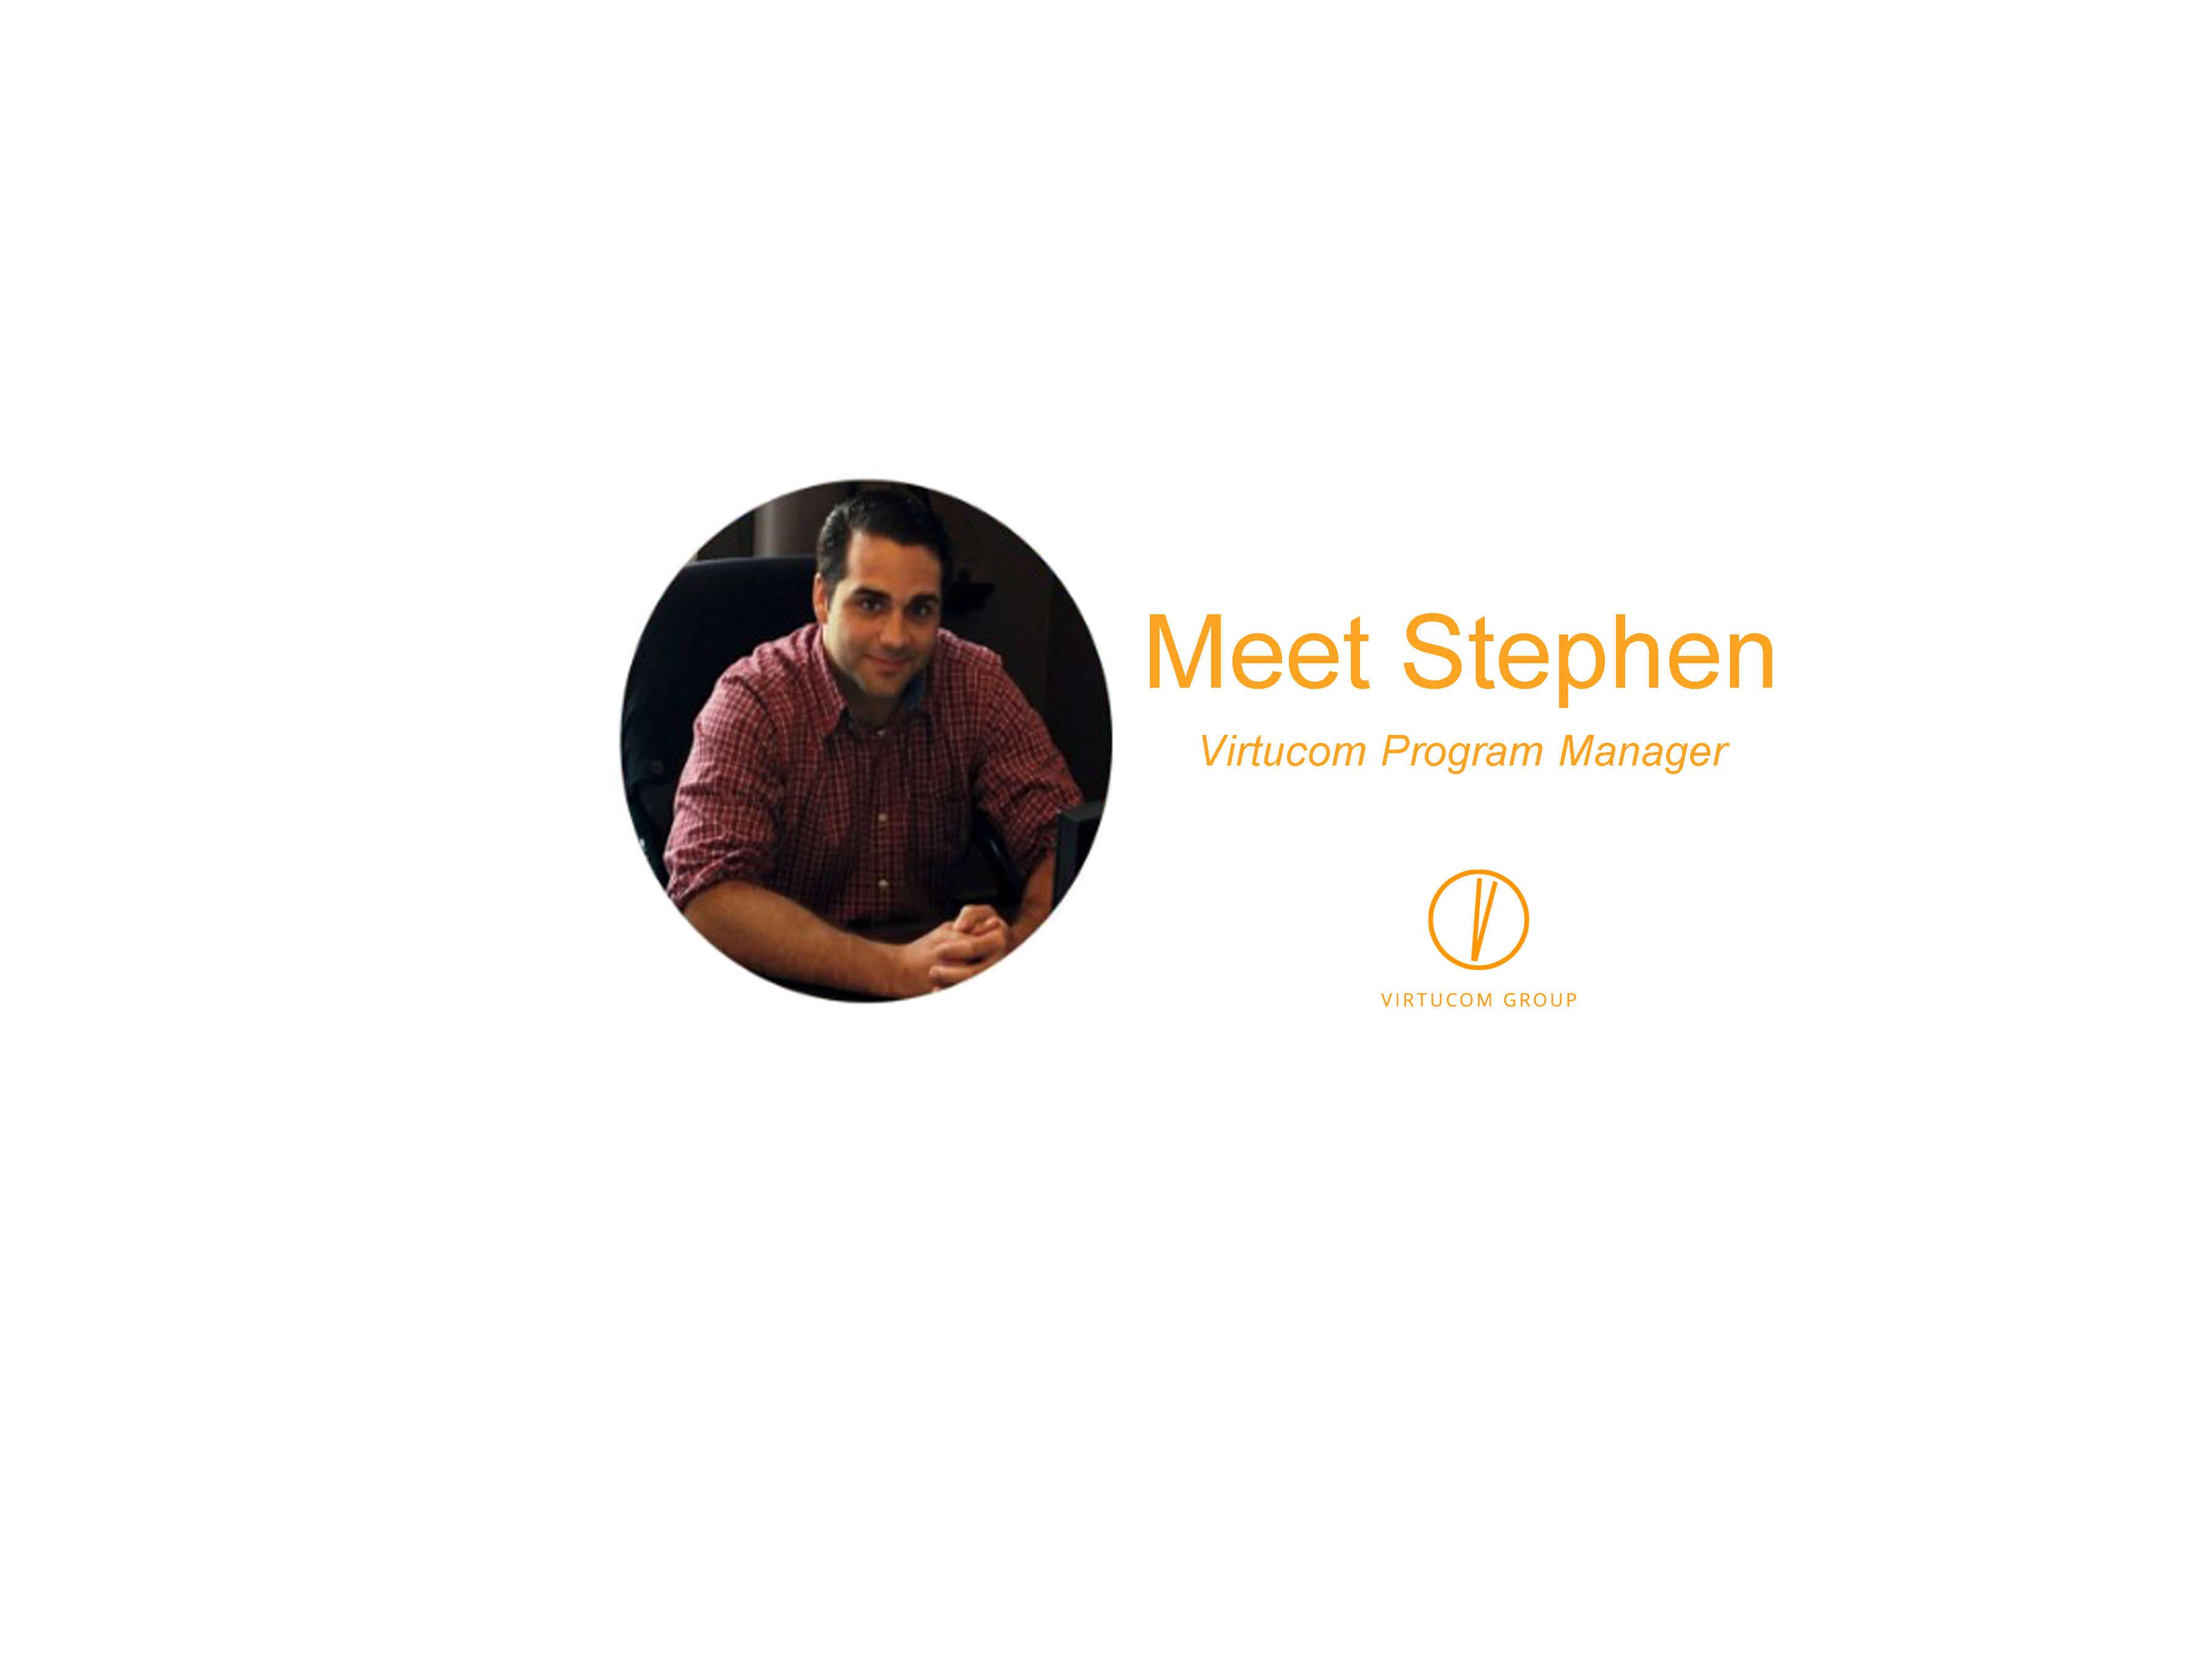 meet-stephen.jpg